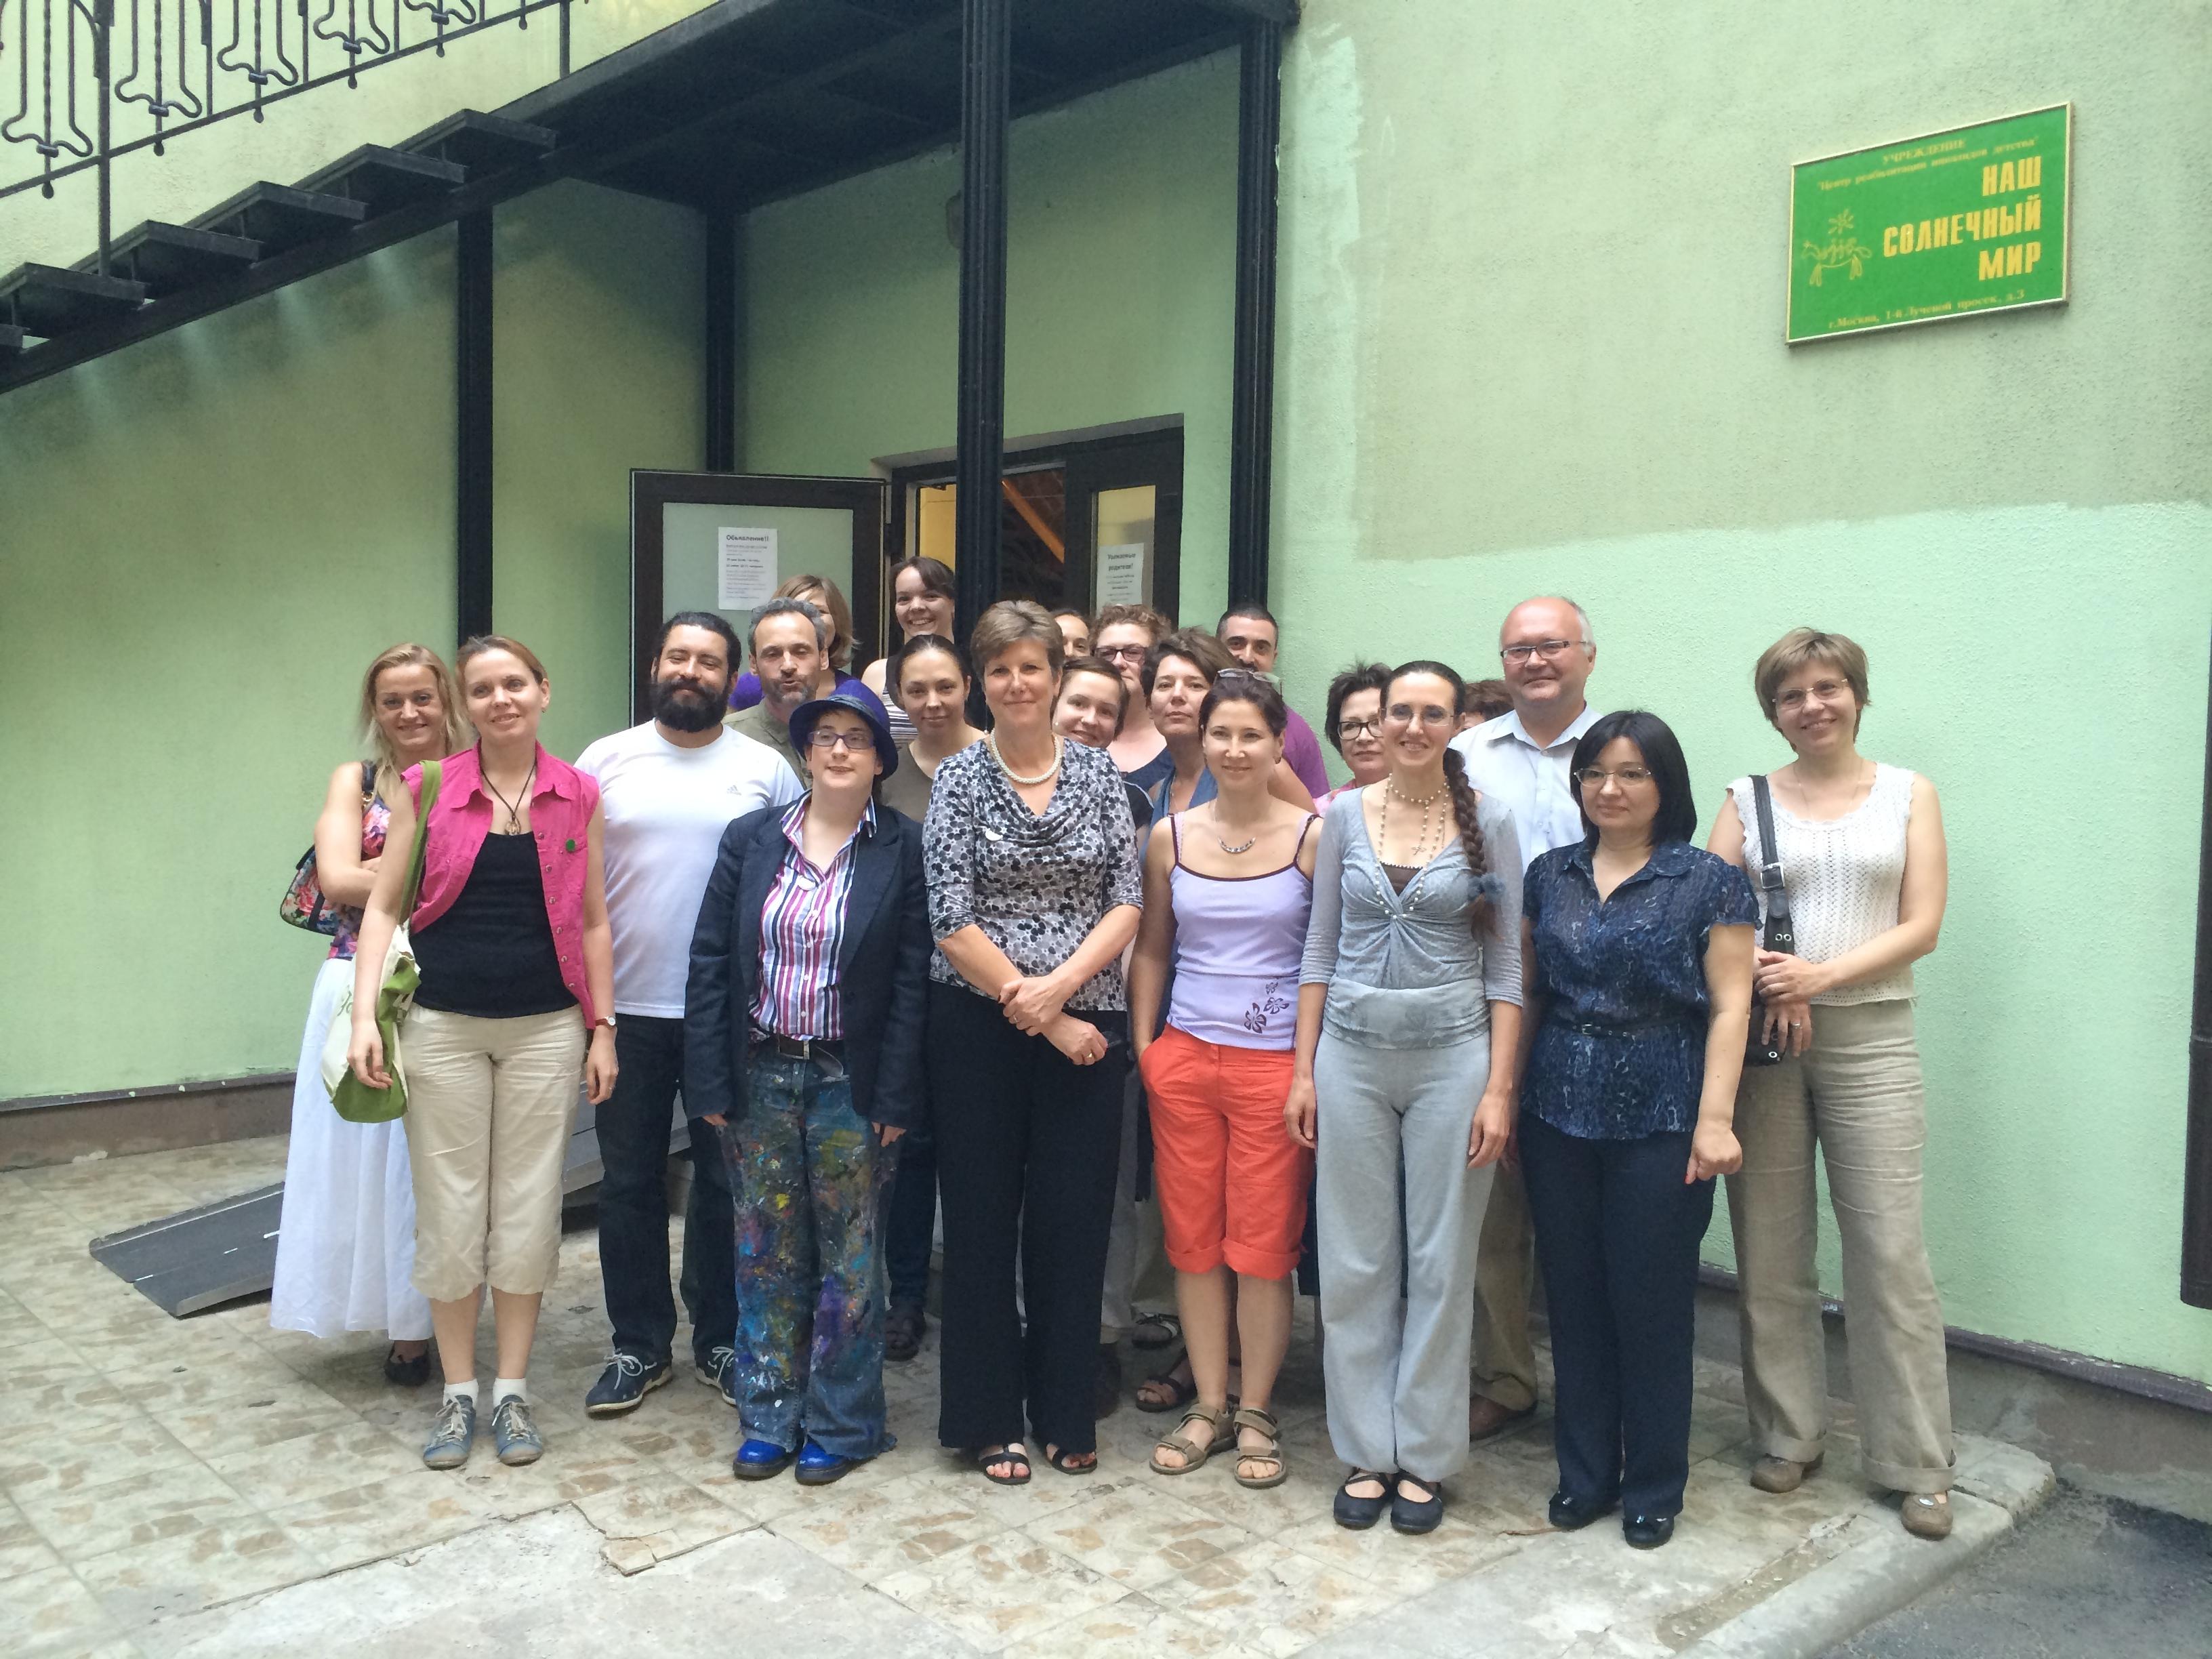 Кэрол Поуви и Робин Стюард во время встречи с членами Центра поддержки людей с синдромом Аспергера (Центра «Наш Солнечный Мир») и родителями в 2014 году